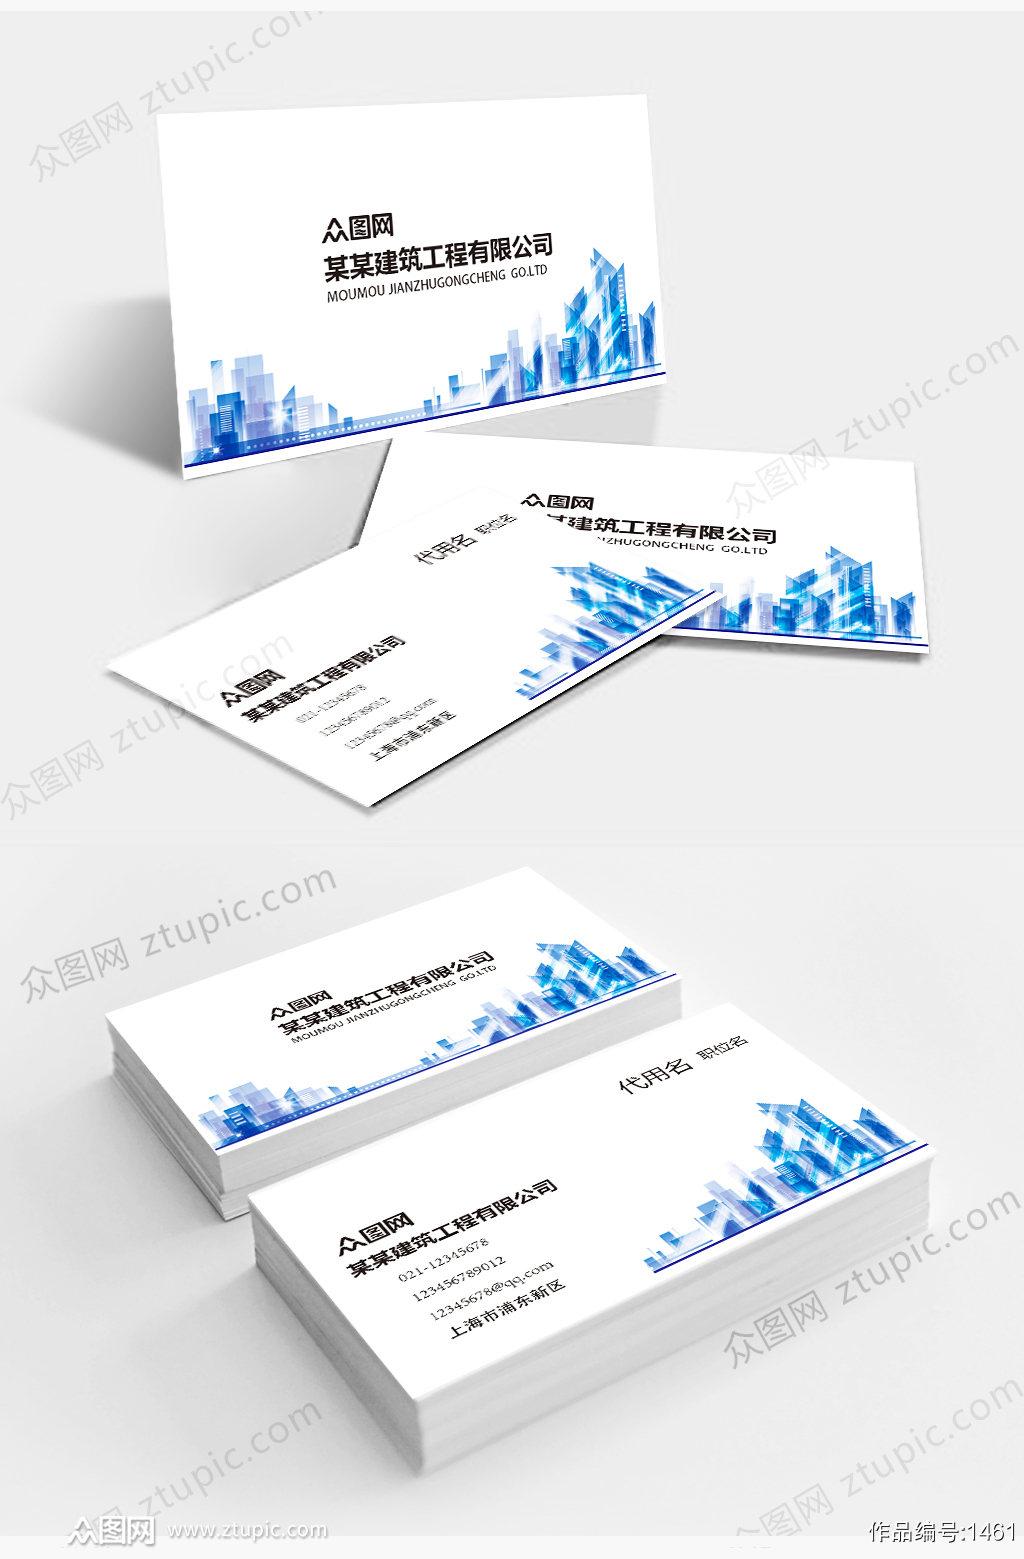 企业蓝名片设计素材